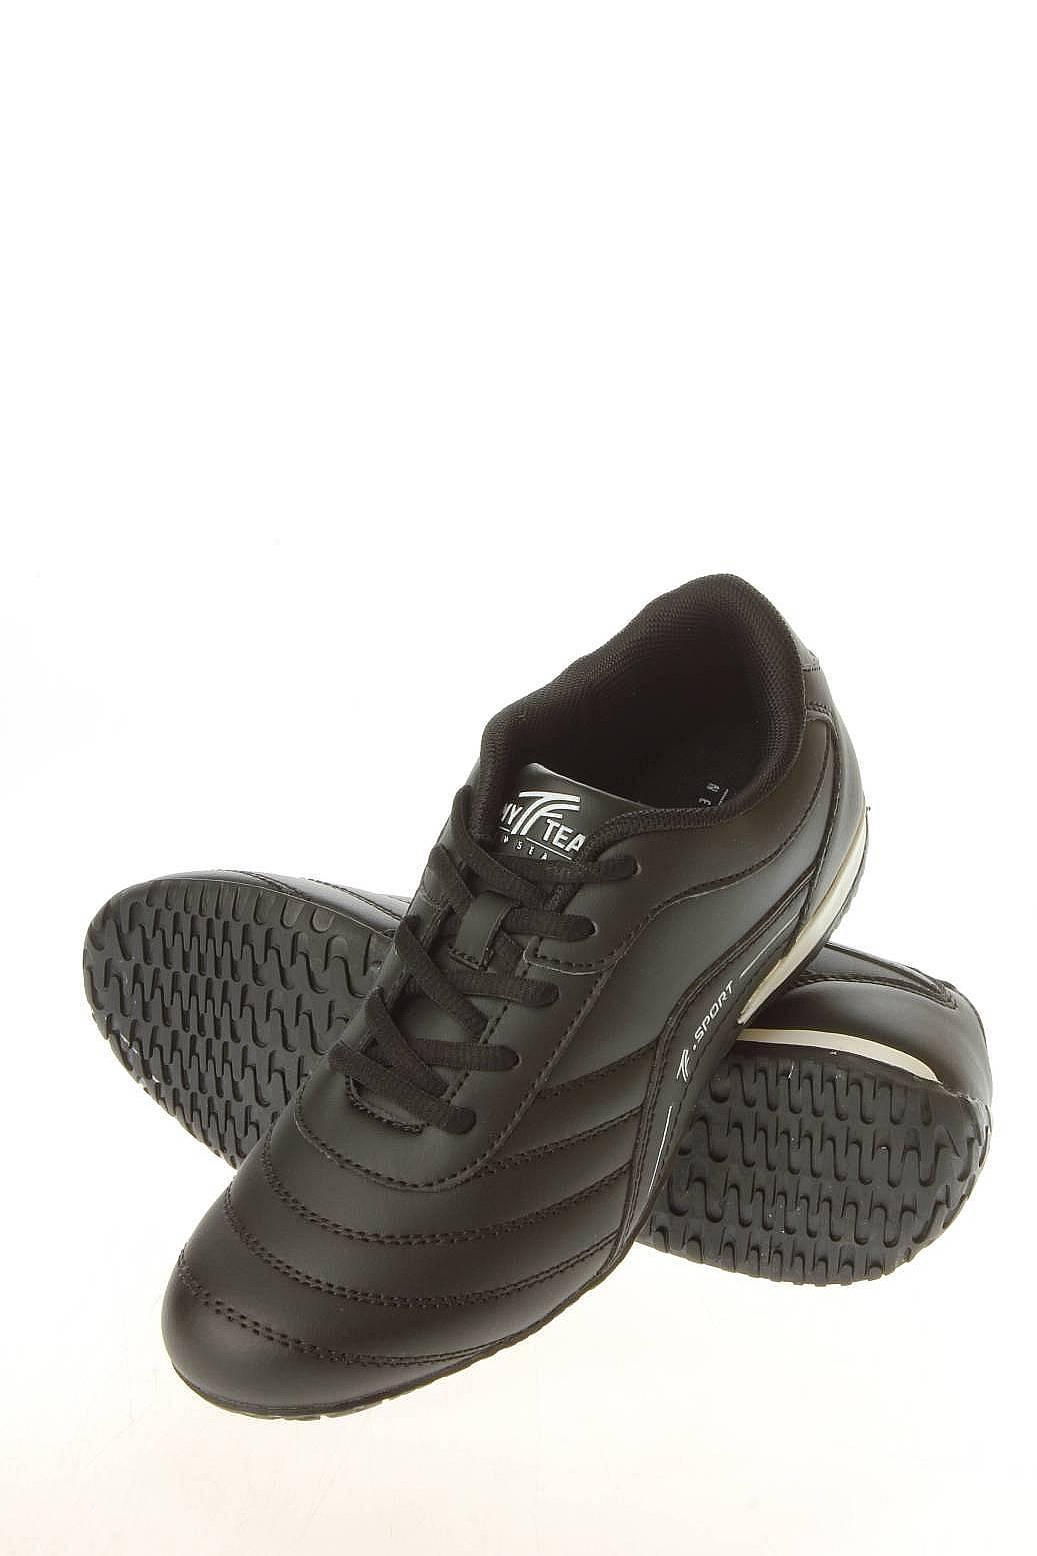 Мужская Обувь Детская Обувь Женская Обувь Кроссовки: TF-Torsion Field Обувь